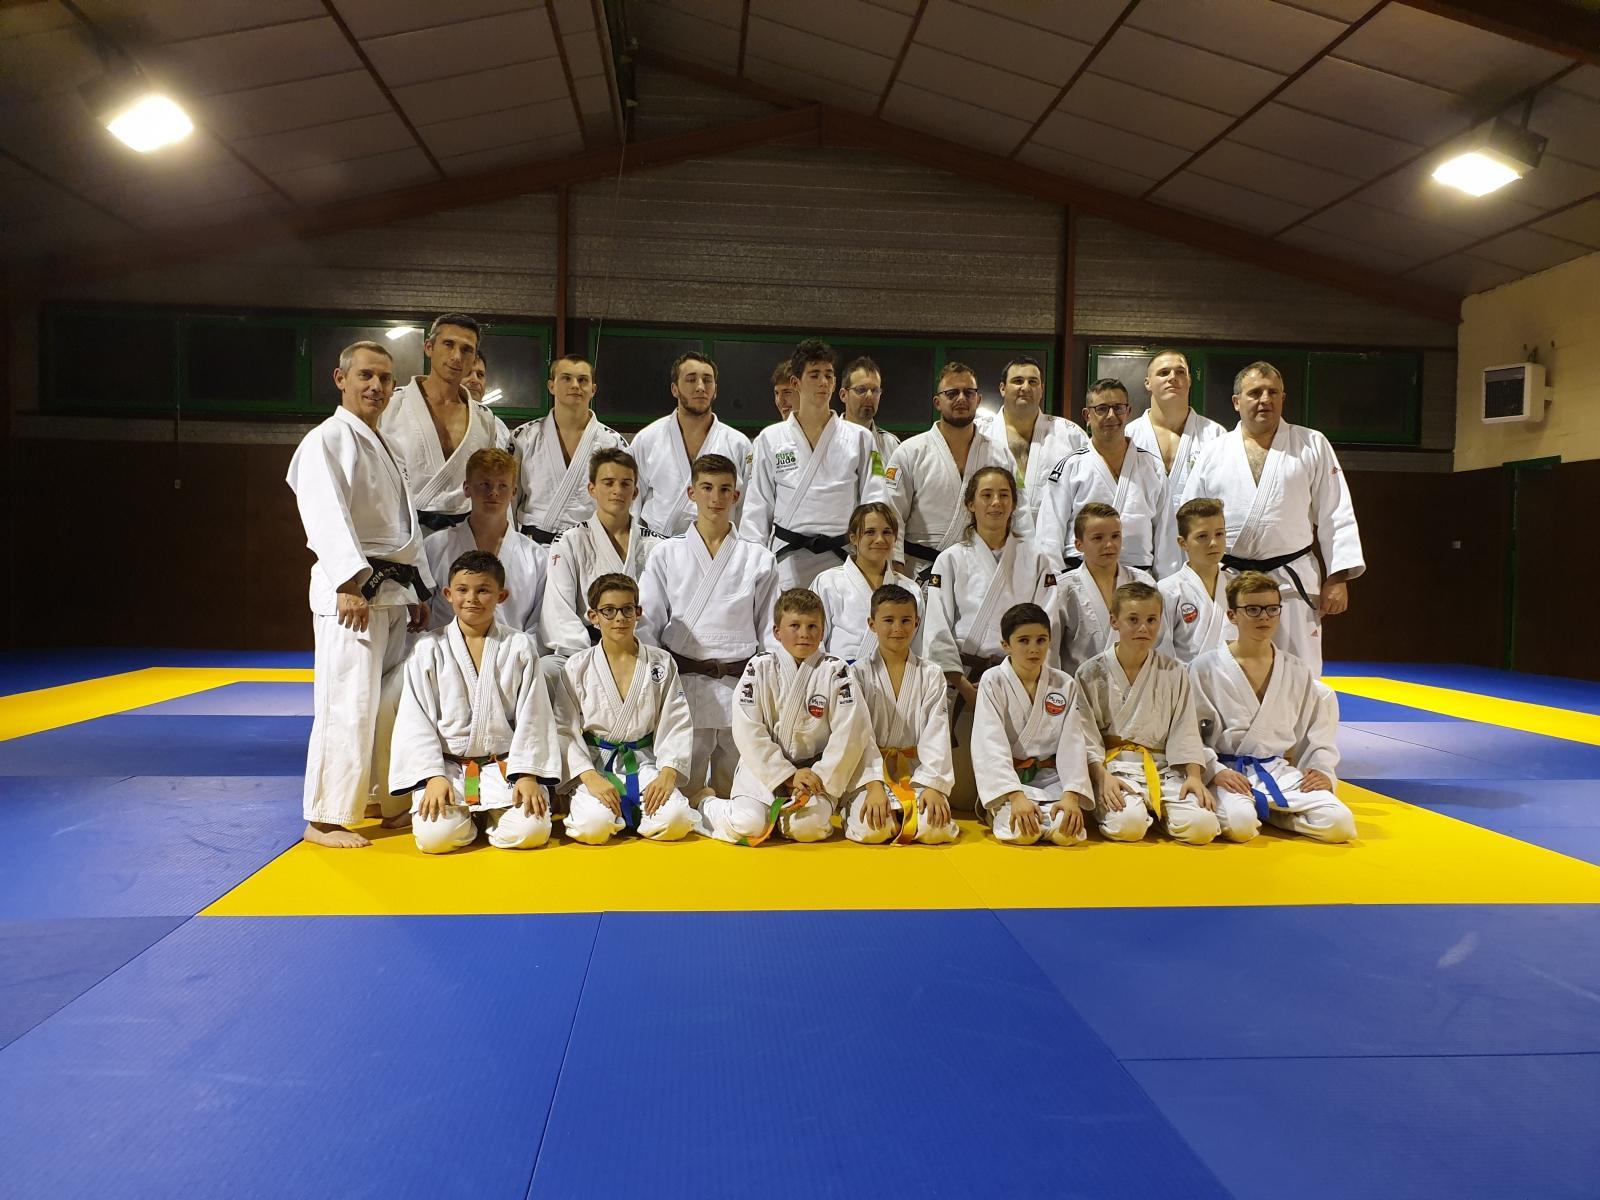 Dernier entrainement 2019 - Paul et nos Judokas de l'équipe, Eure Judo